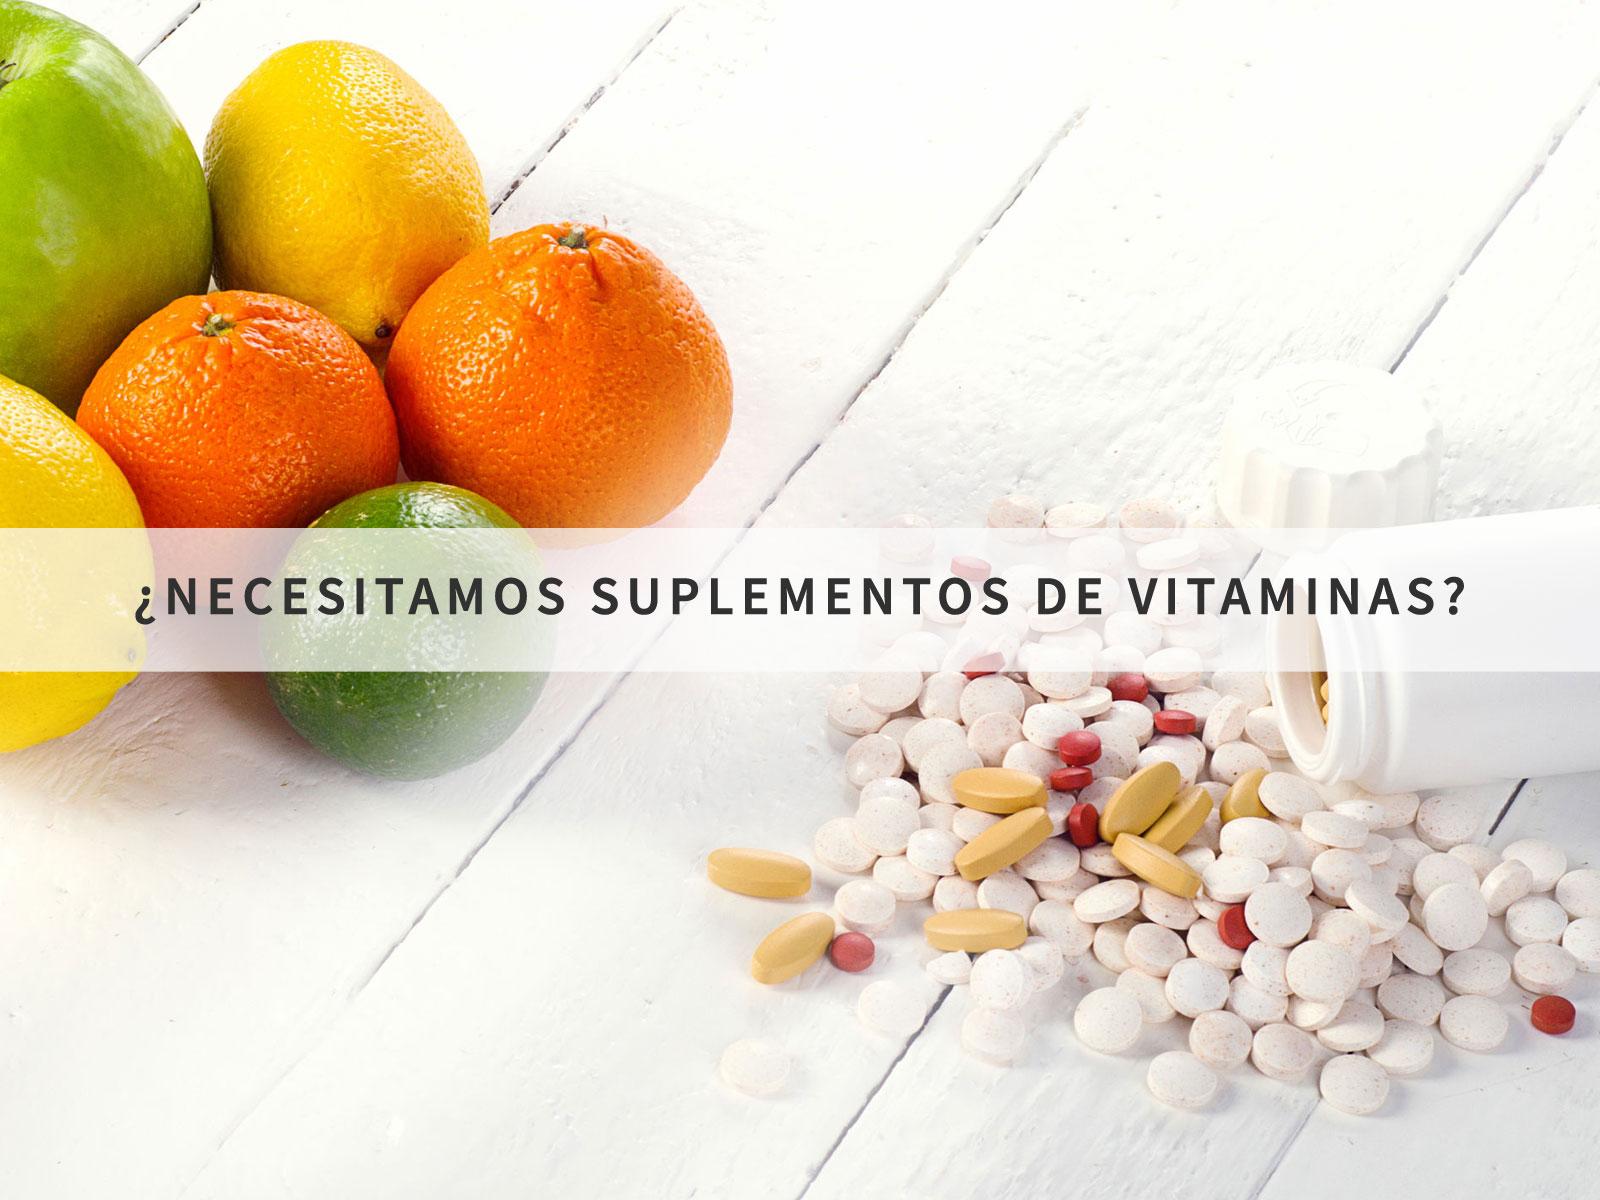 ¿Necesitamos suplementos de vitaminas?